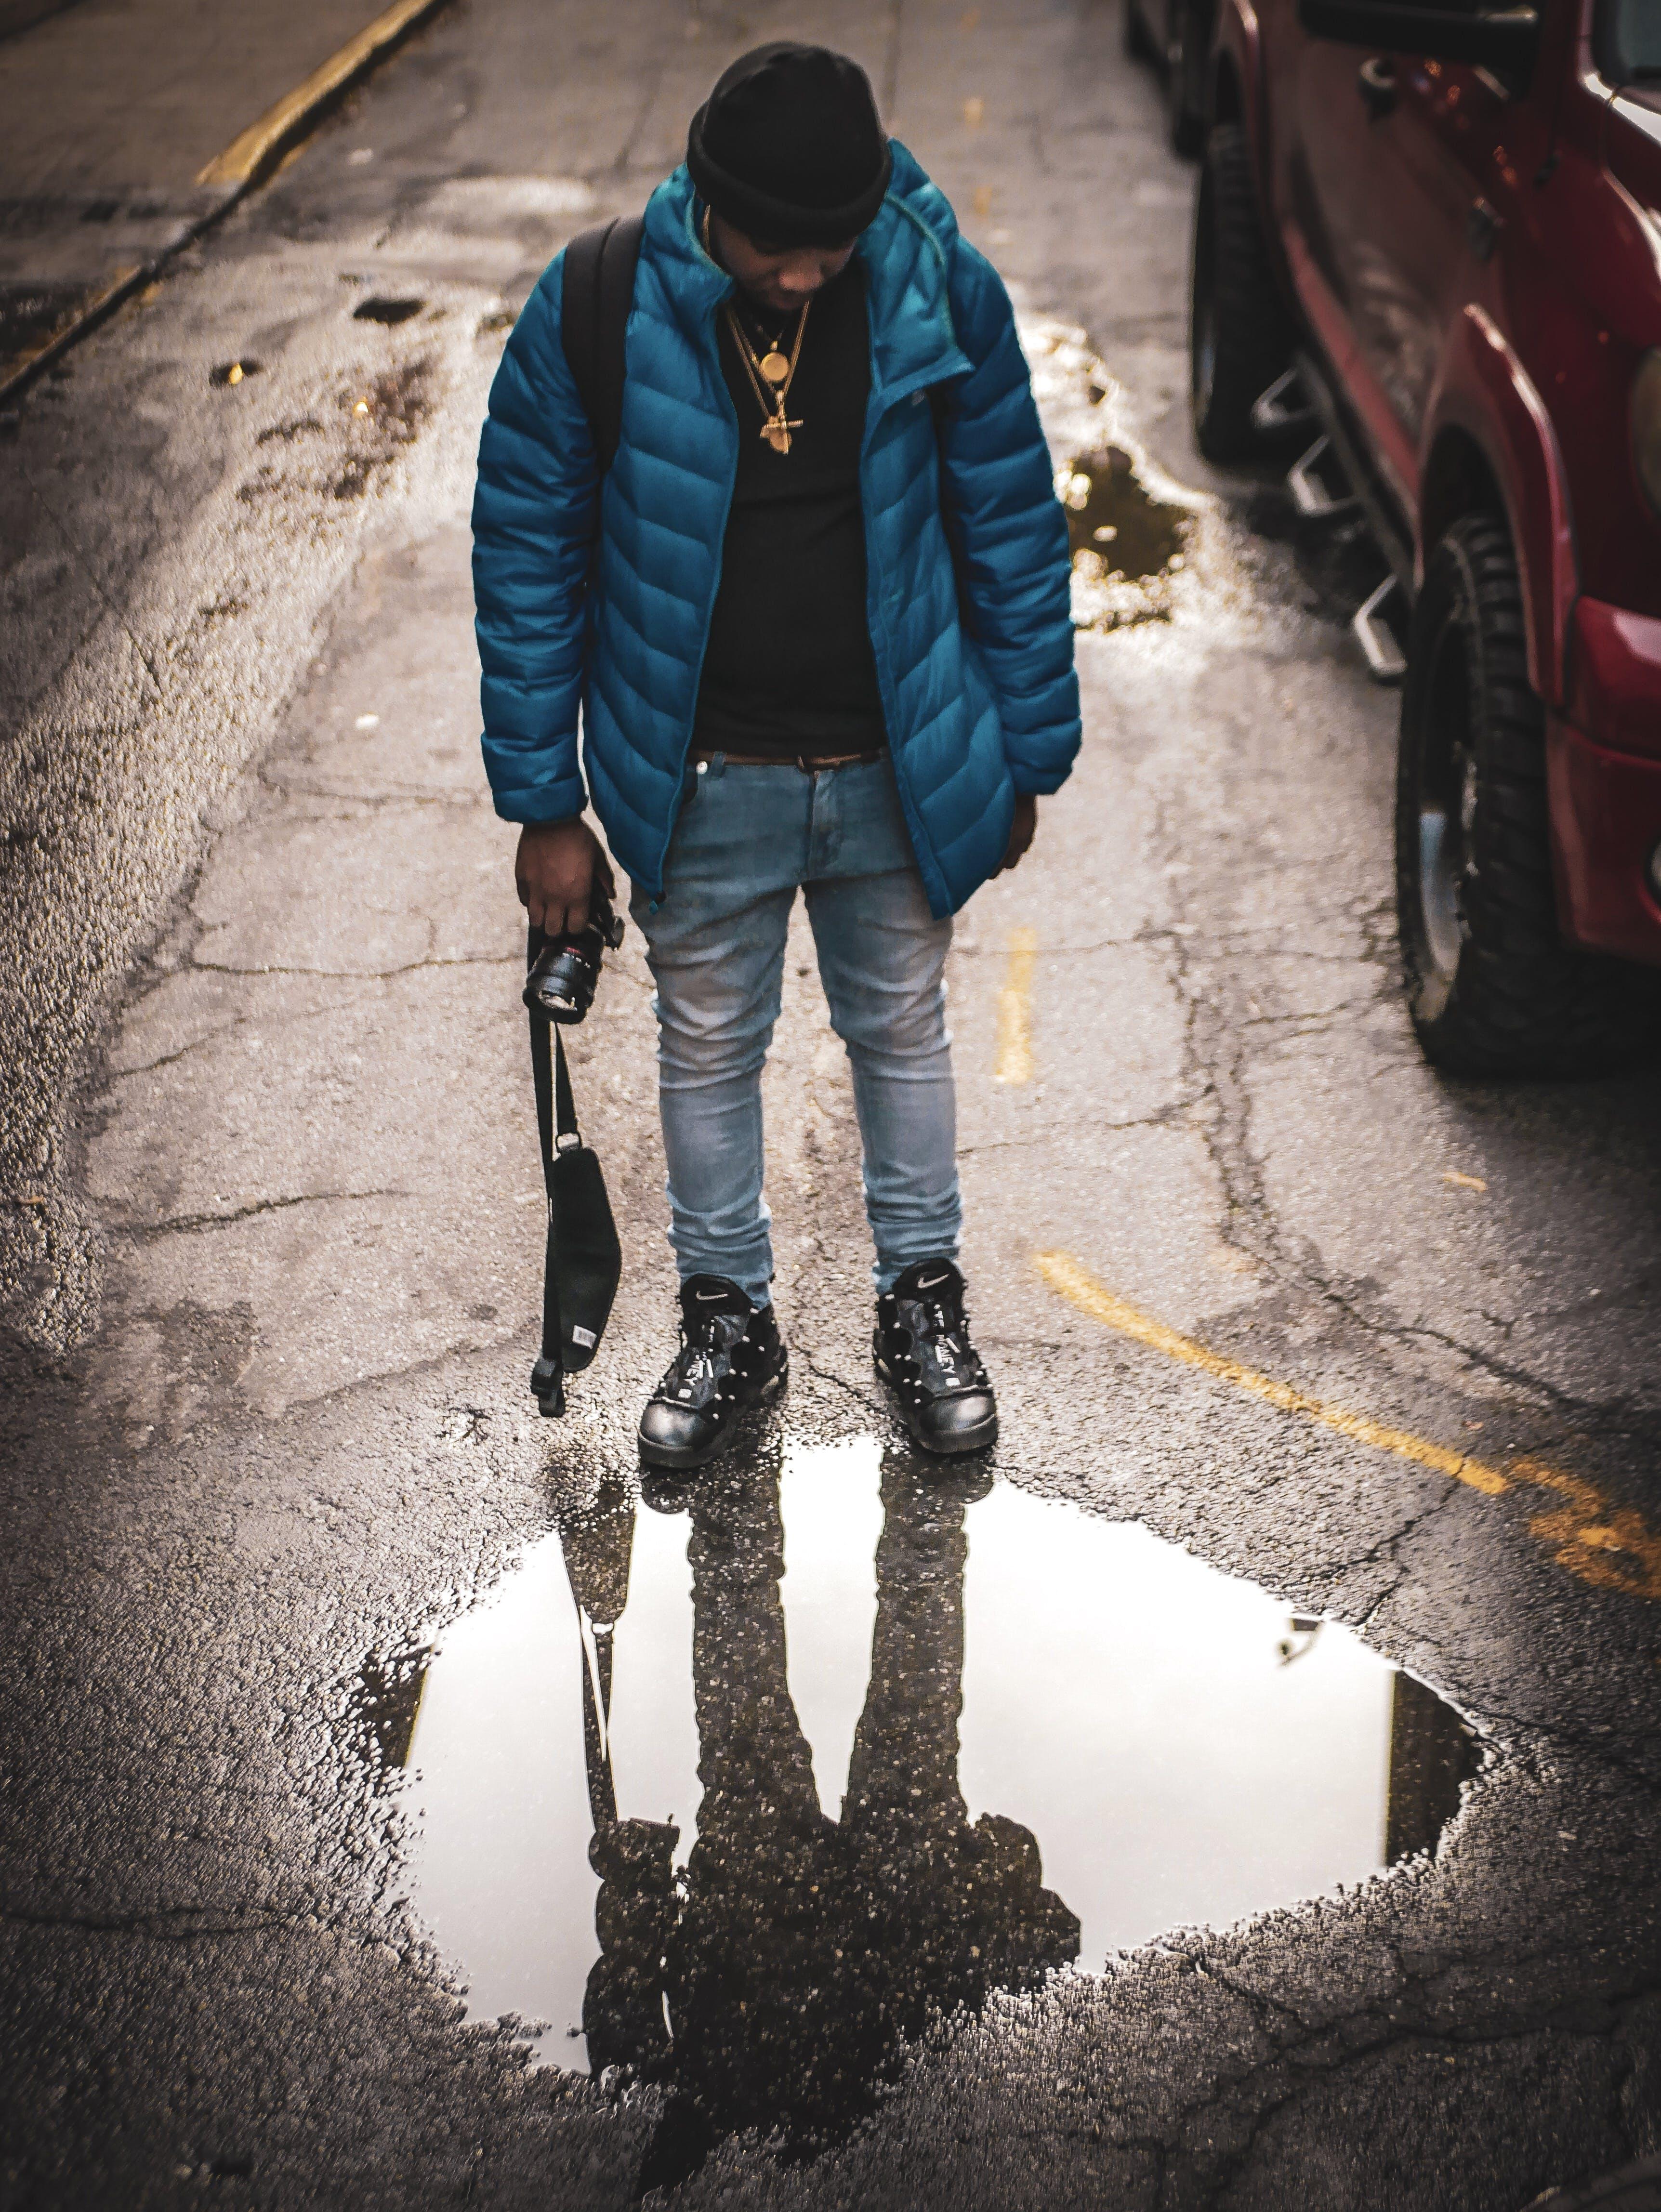 Gratis lagerfoto af asfalt, by, efter regn, elektronik